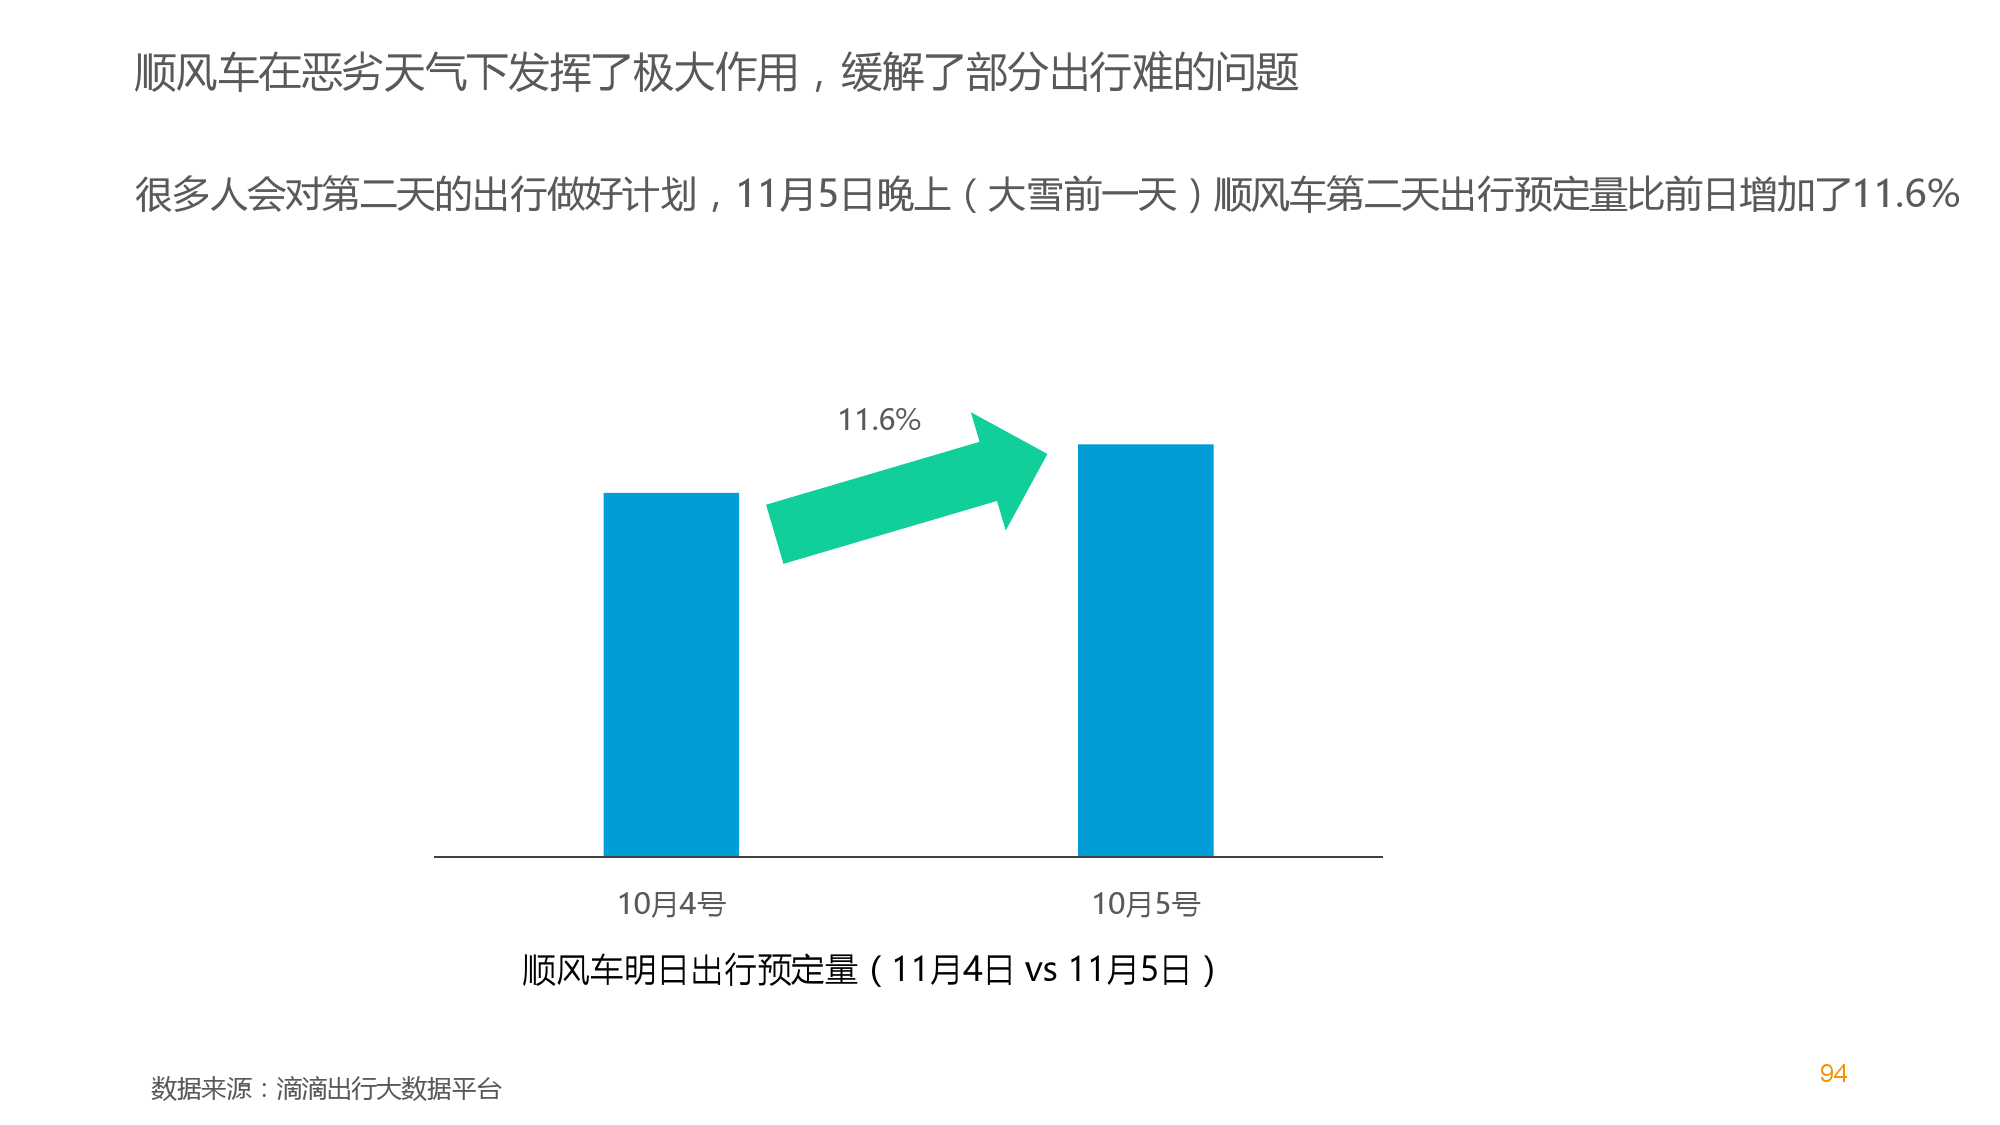 中国智能出行2015大数据报告_000095